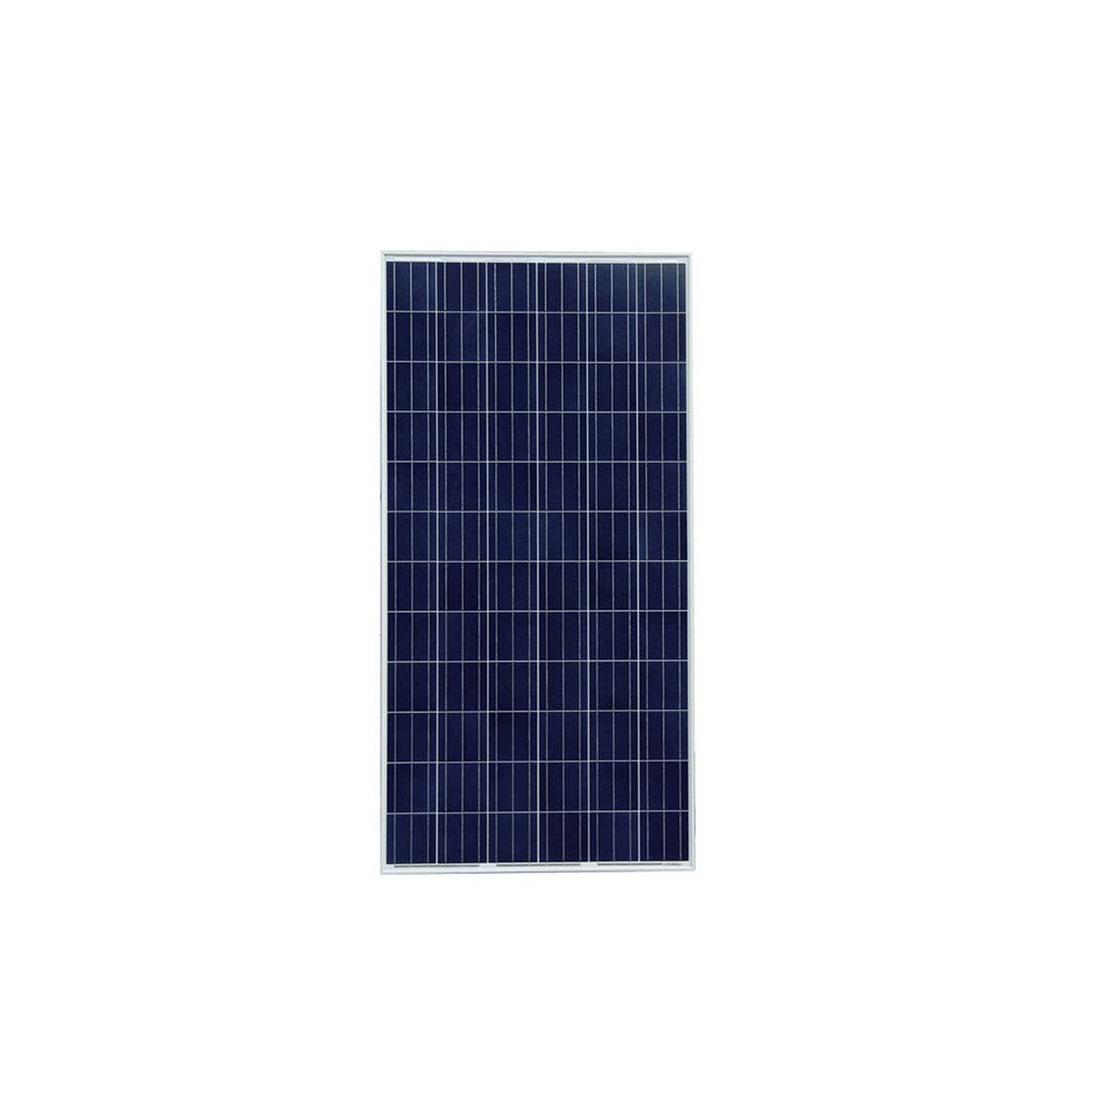 پنل خورشیدی - CY_TP120